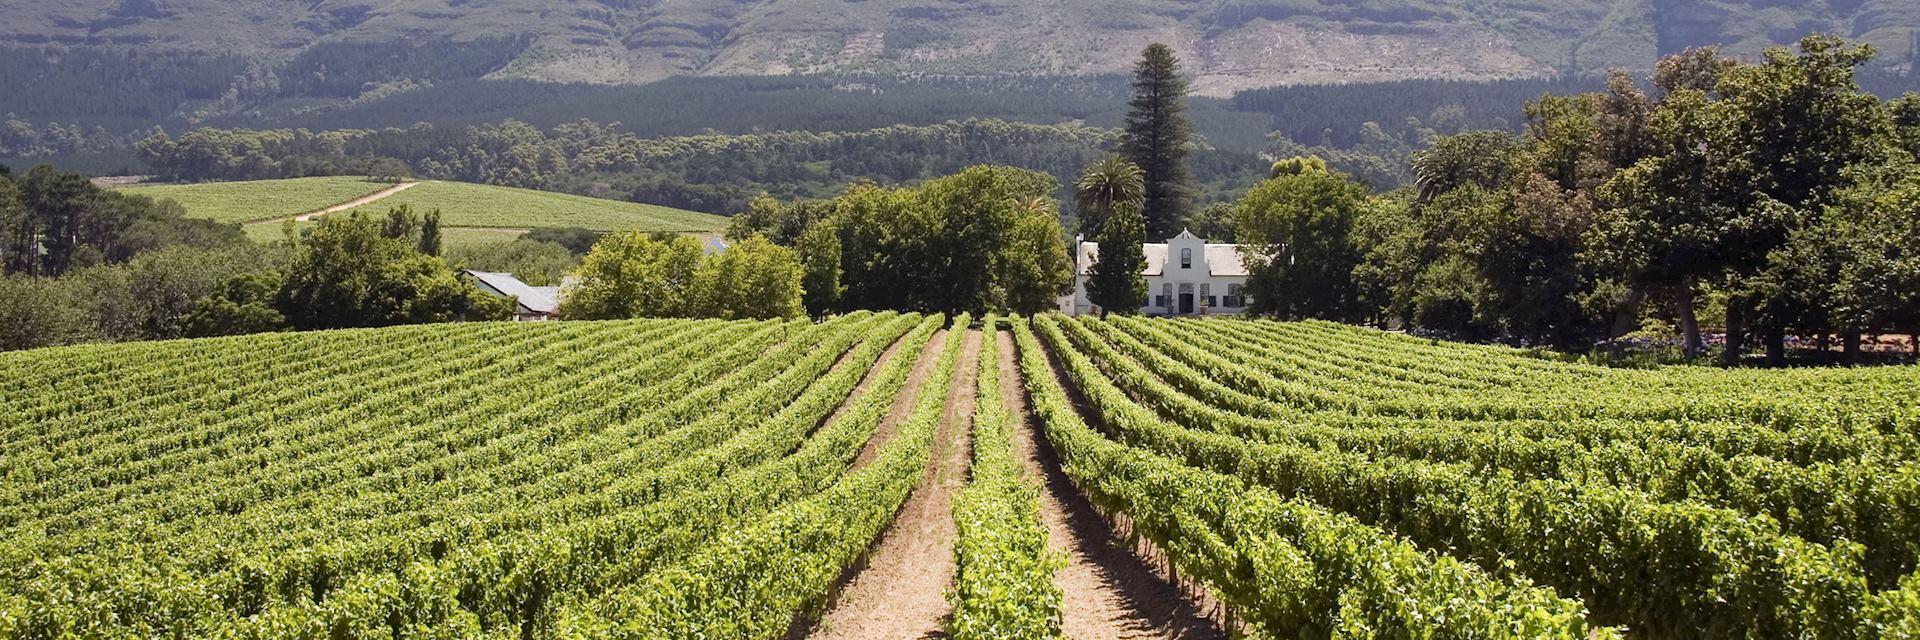 Vineyard, Constantia